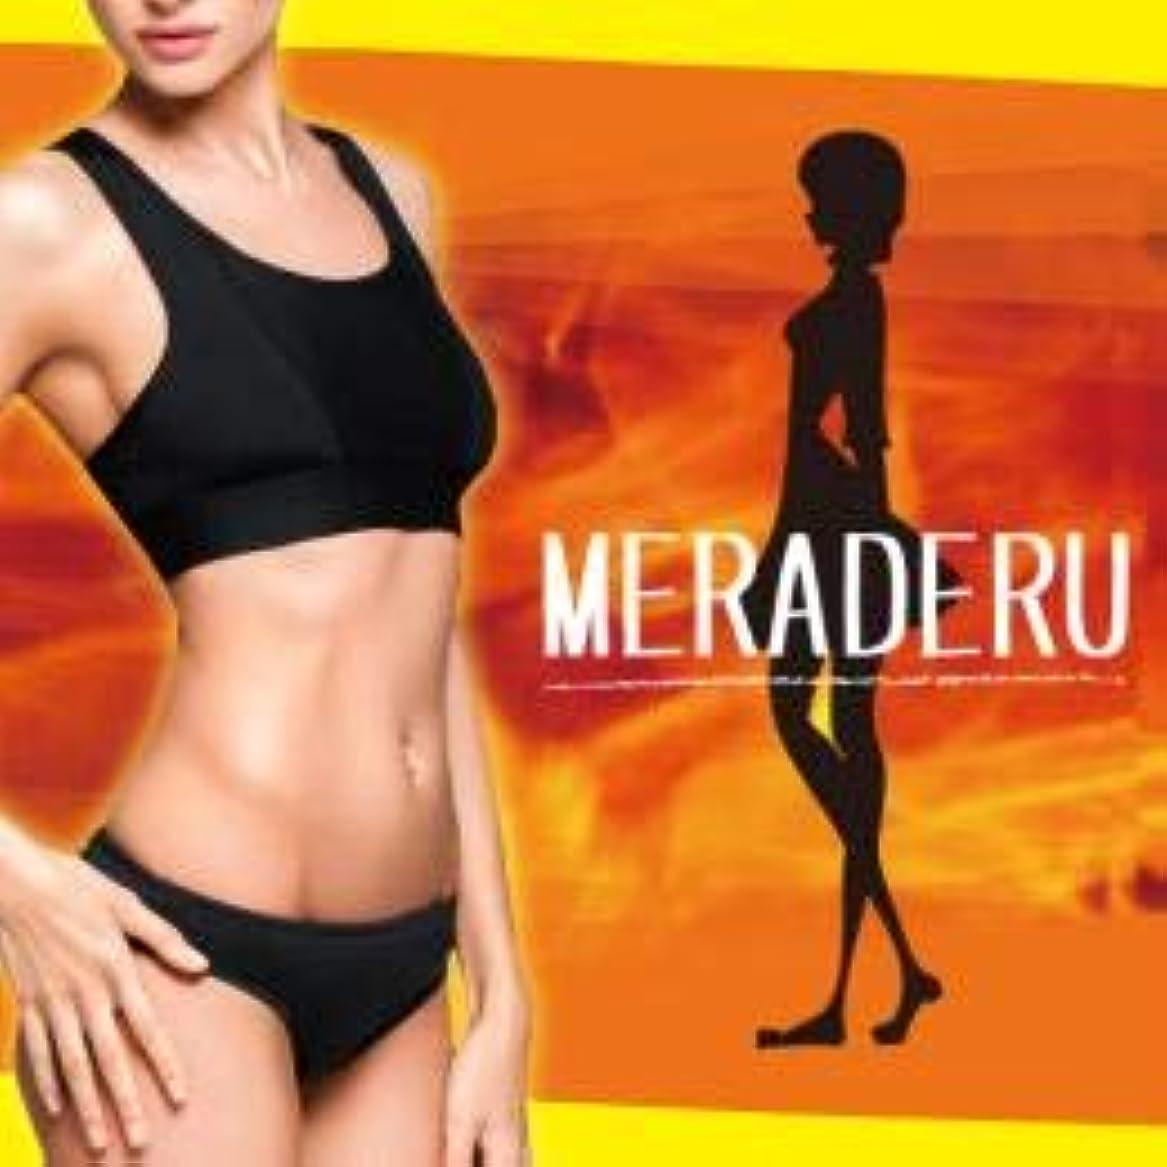 舞い上がる減らす生命体【※正規品※大特価でご提供!!】MERADERU(メラデル) (5)